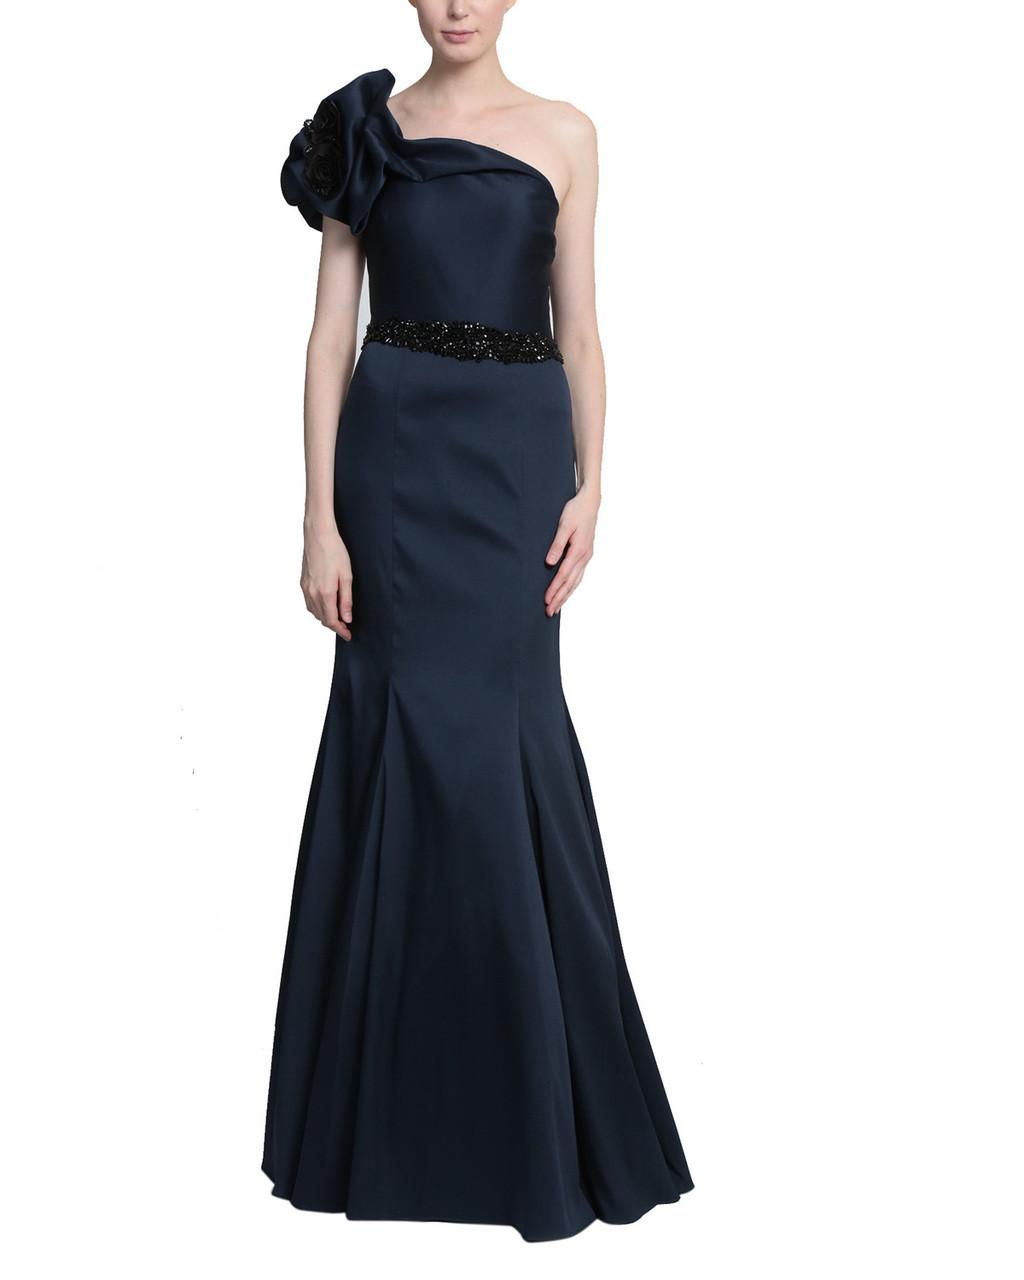 457755e390 Black One Shoulder Gown with large embellished flower on shoulder and embellished  belt at waist